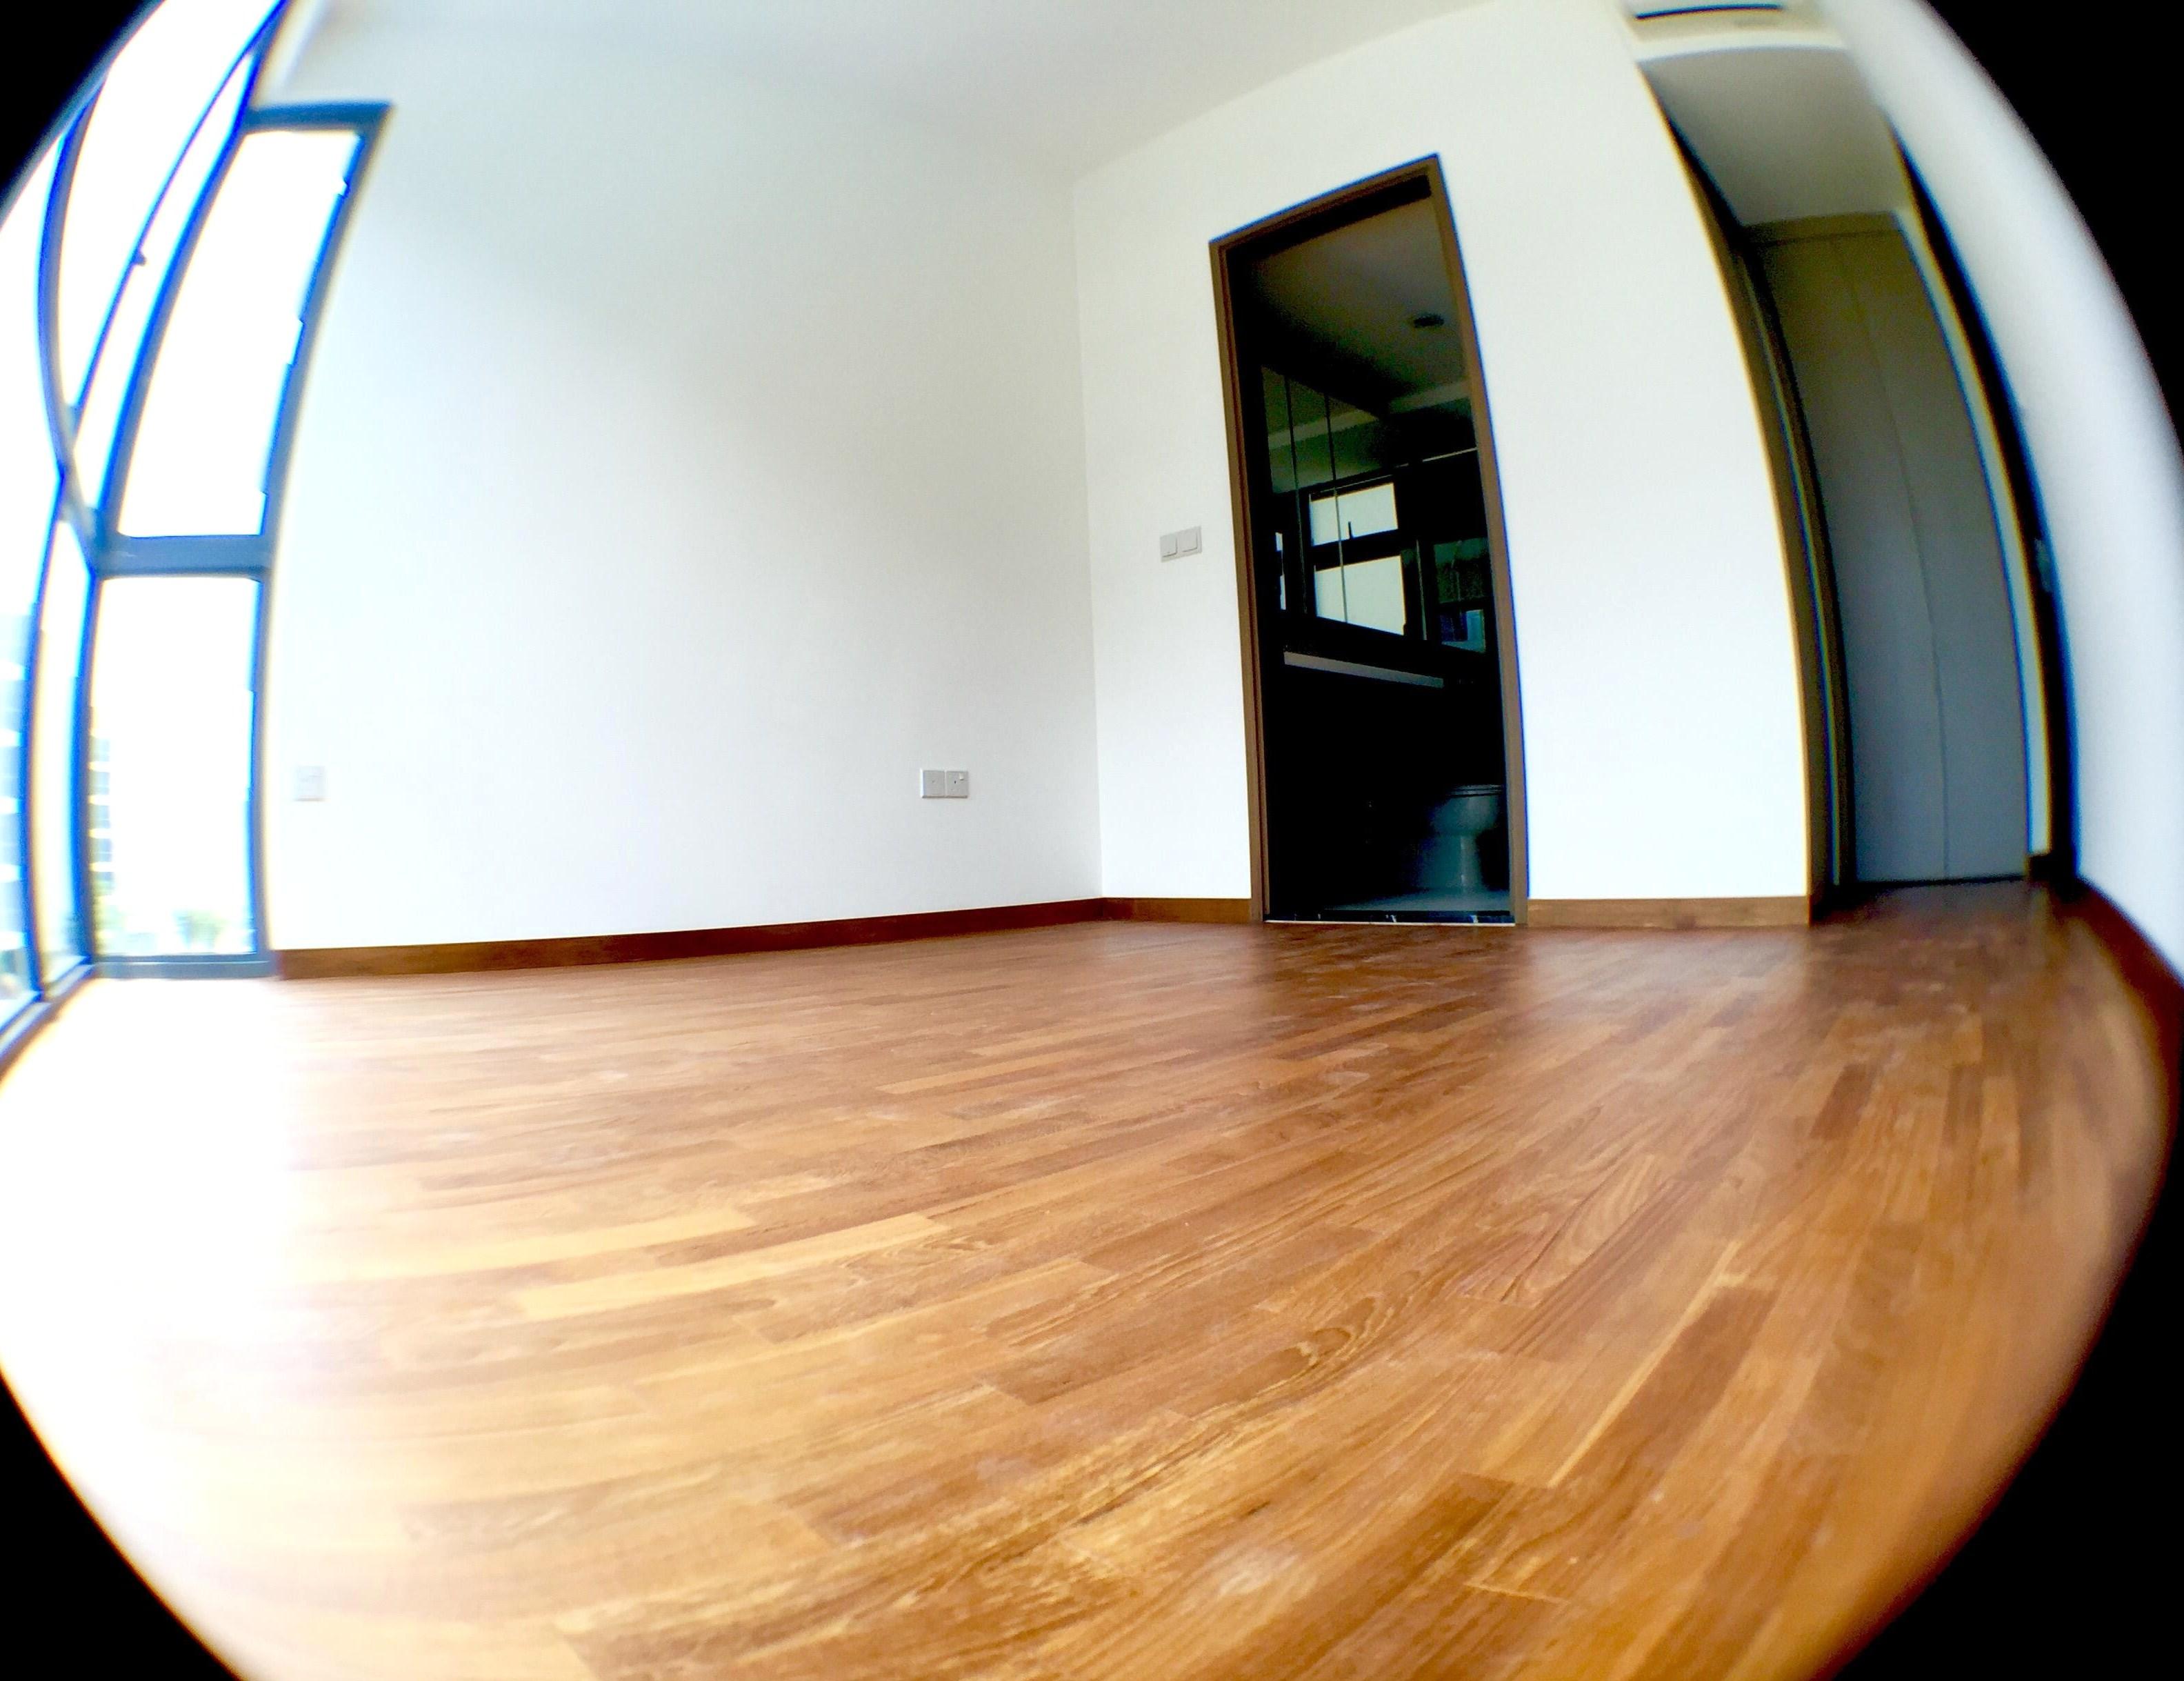 palm isles master room pic 1b